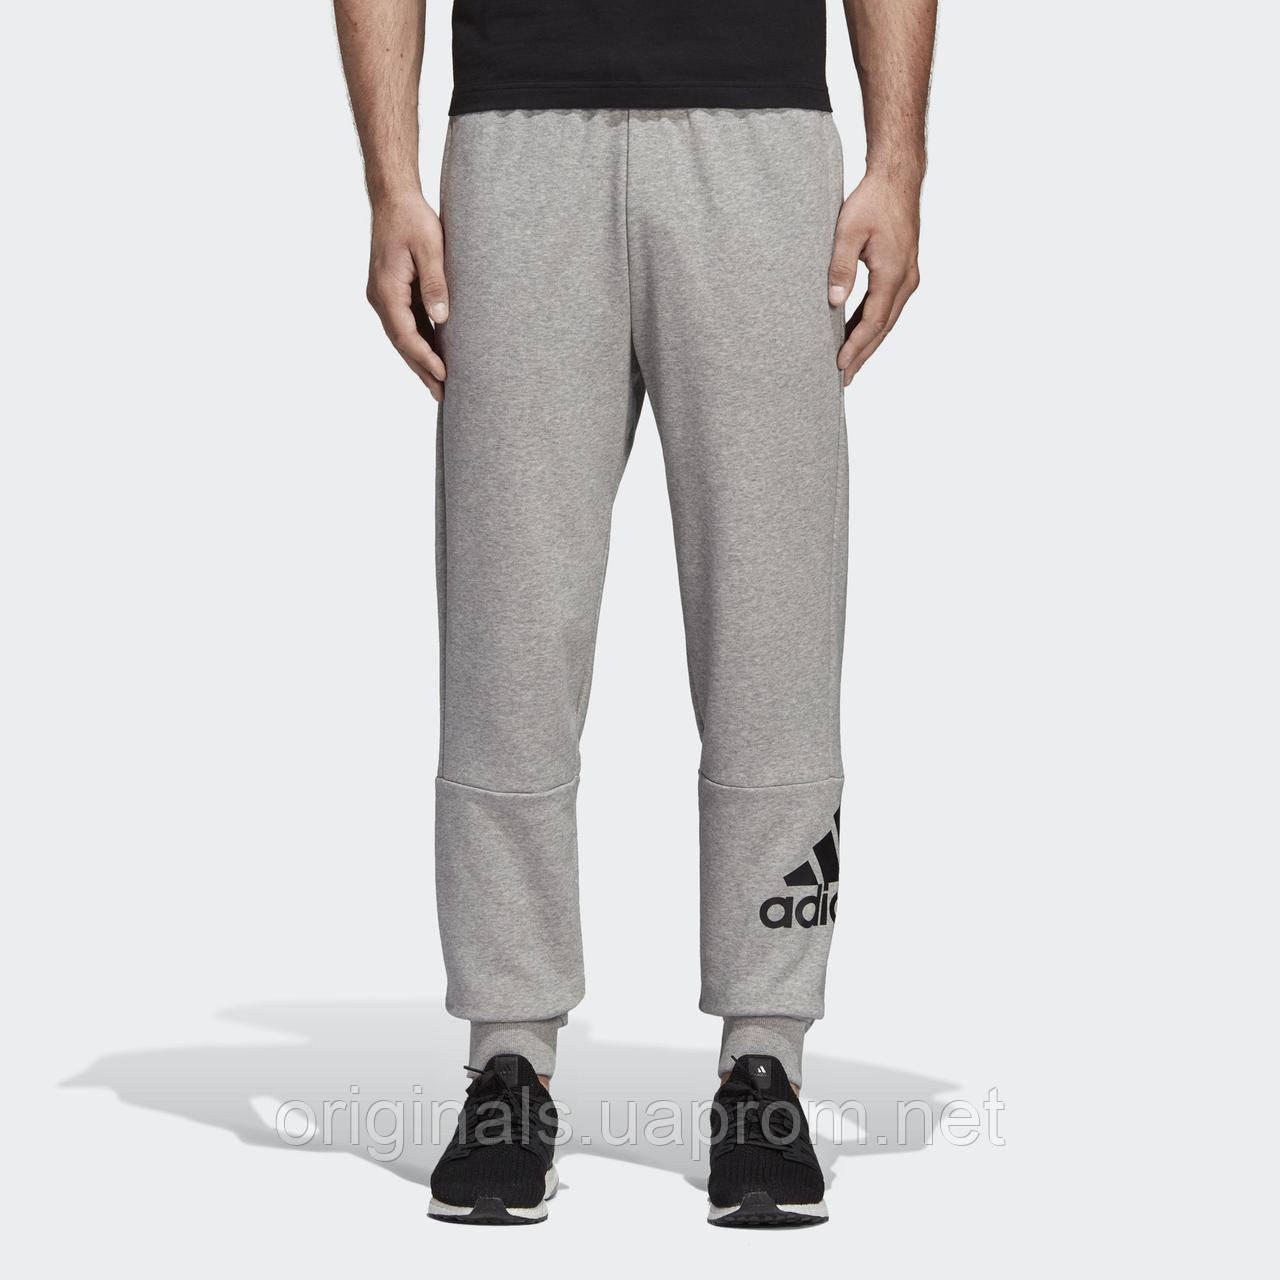 Зауженные спортивные штаны Adidas Must Haves Badge of Sport DT9959